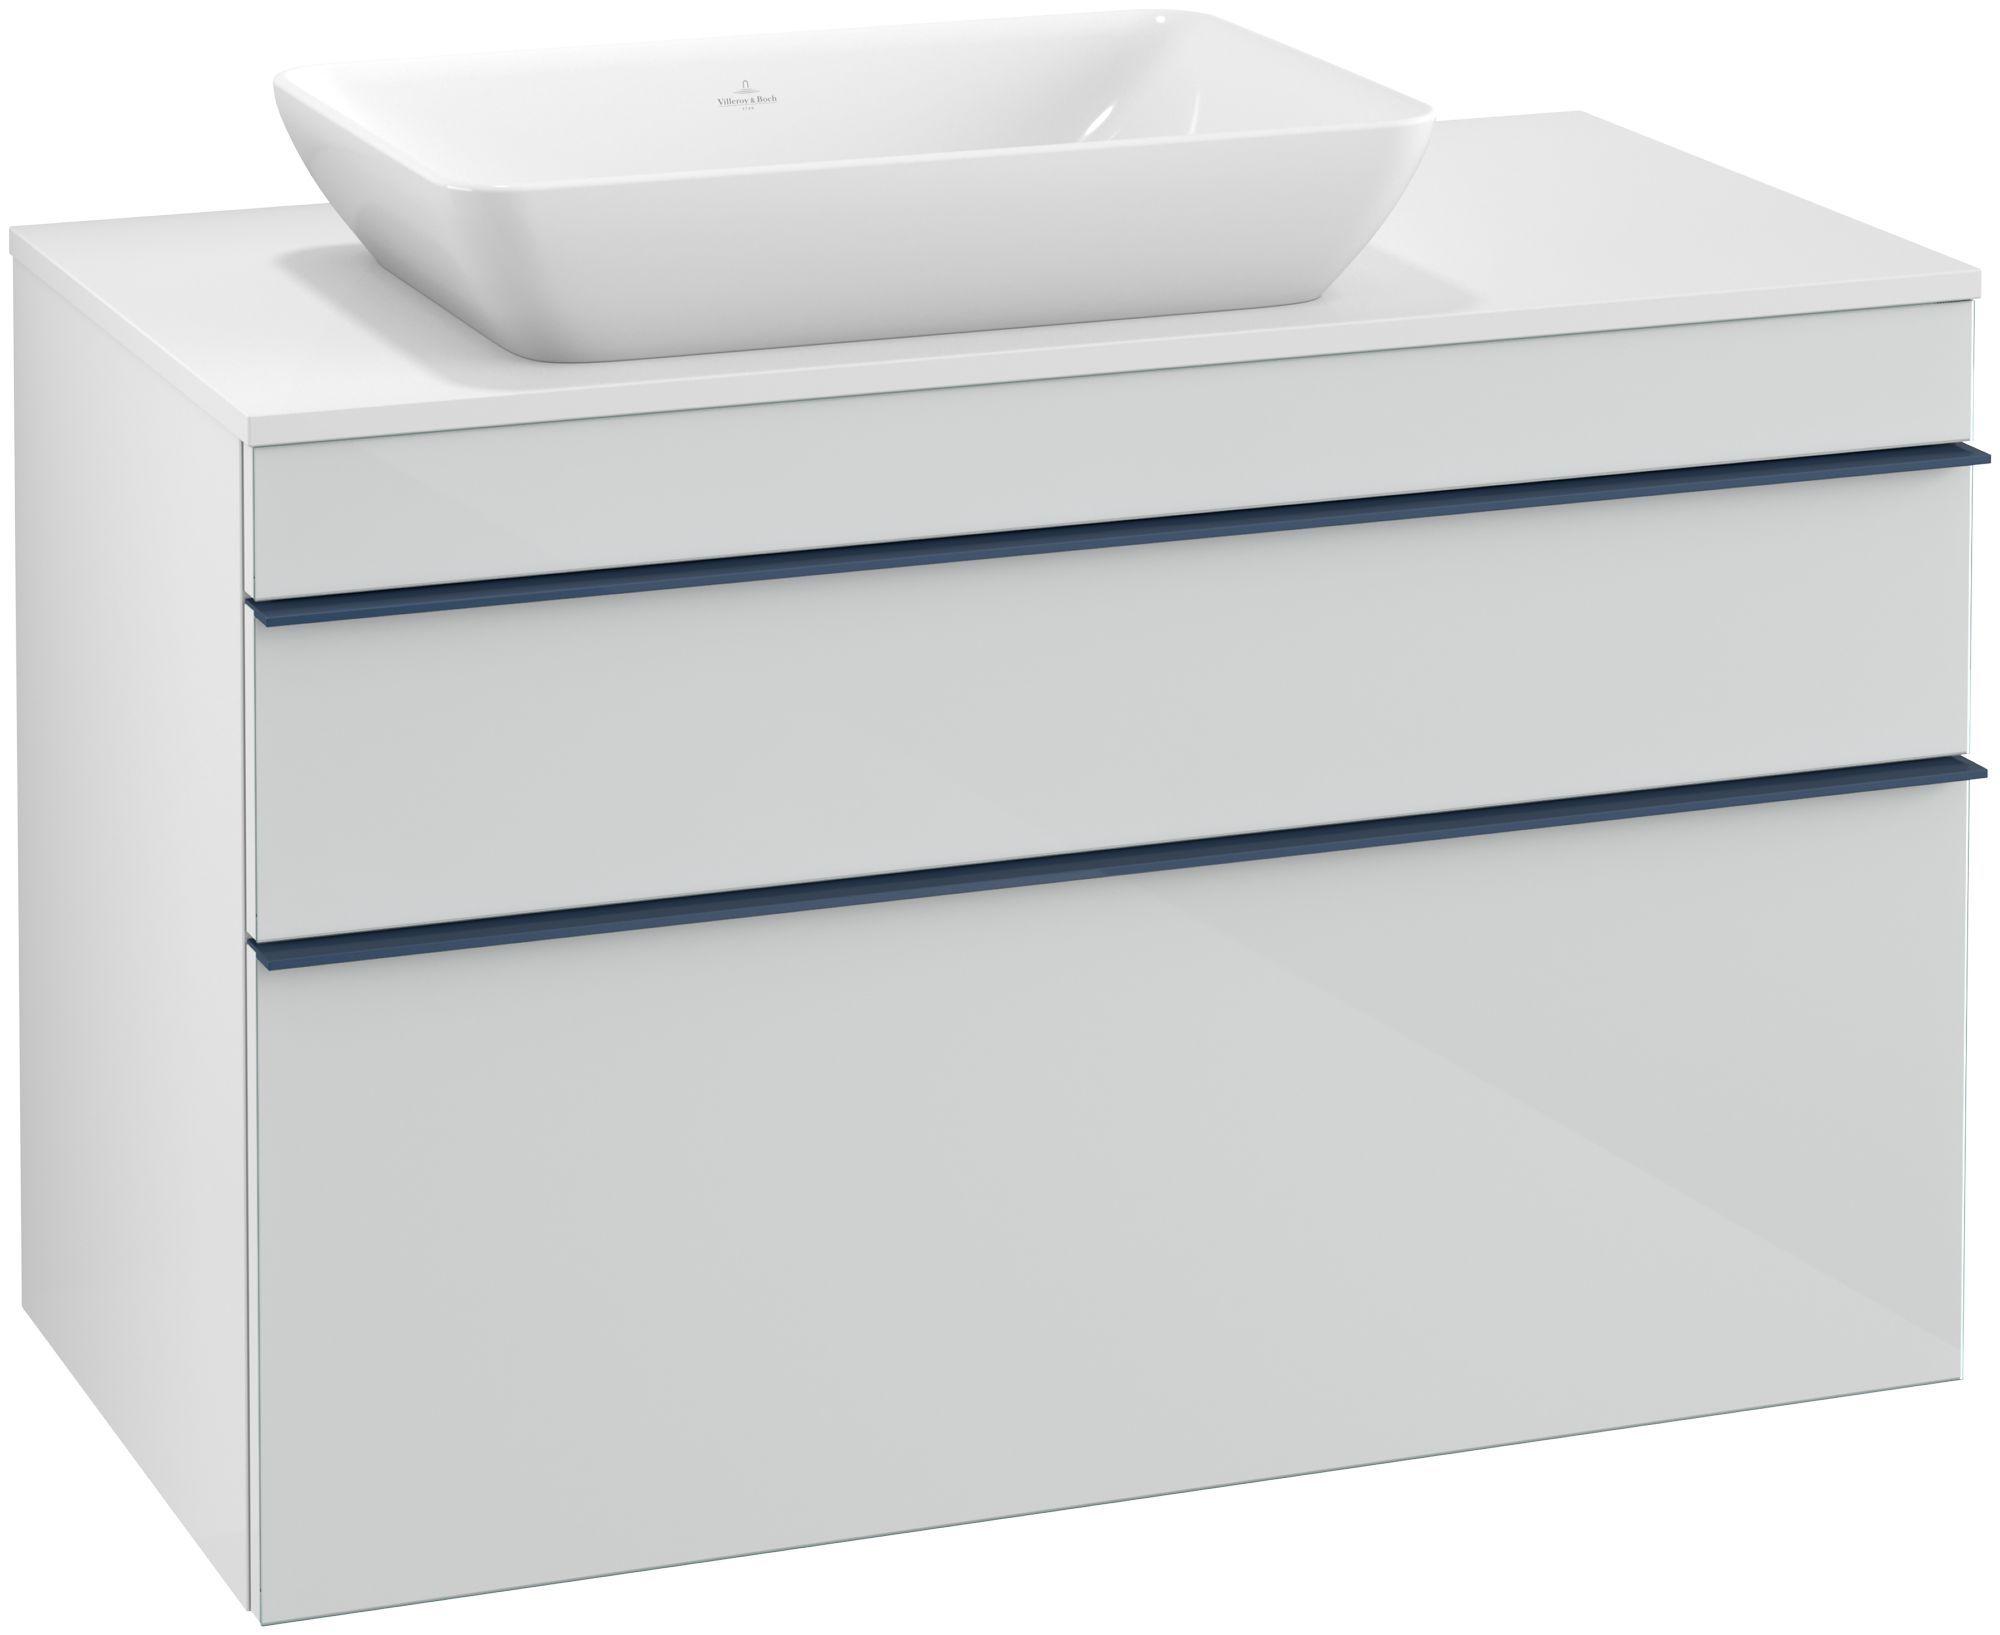 Villeroy & Boch Venticello Waschtischunterschrank für Waschtisch links 2 Auszüge B:95,7xH:60,6xT:50,2cm Glas glossy white Griffe blau Griffe blau A94204RE